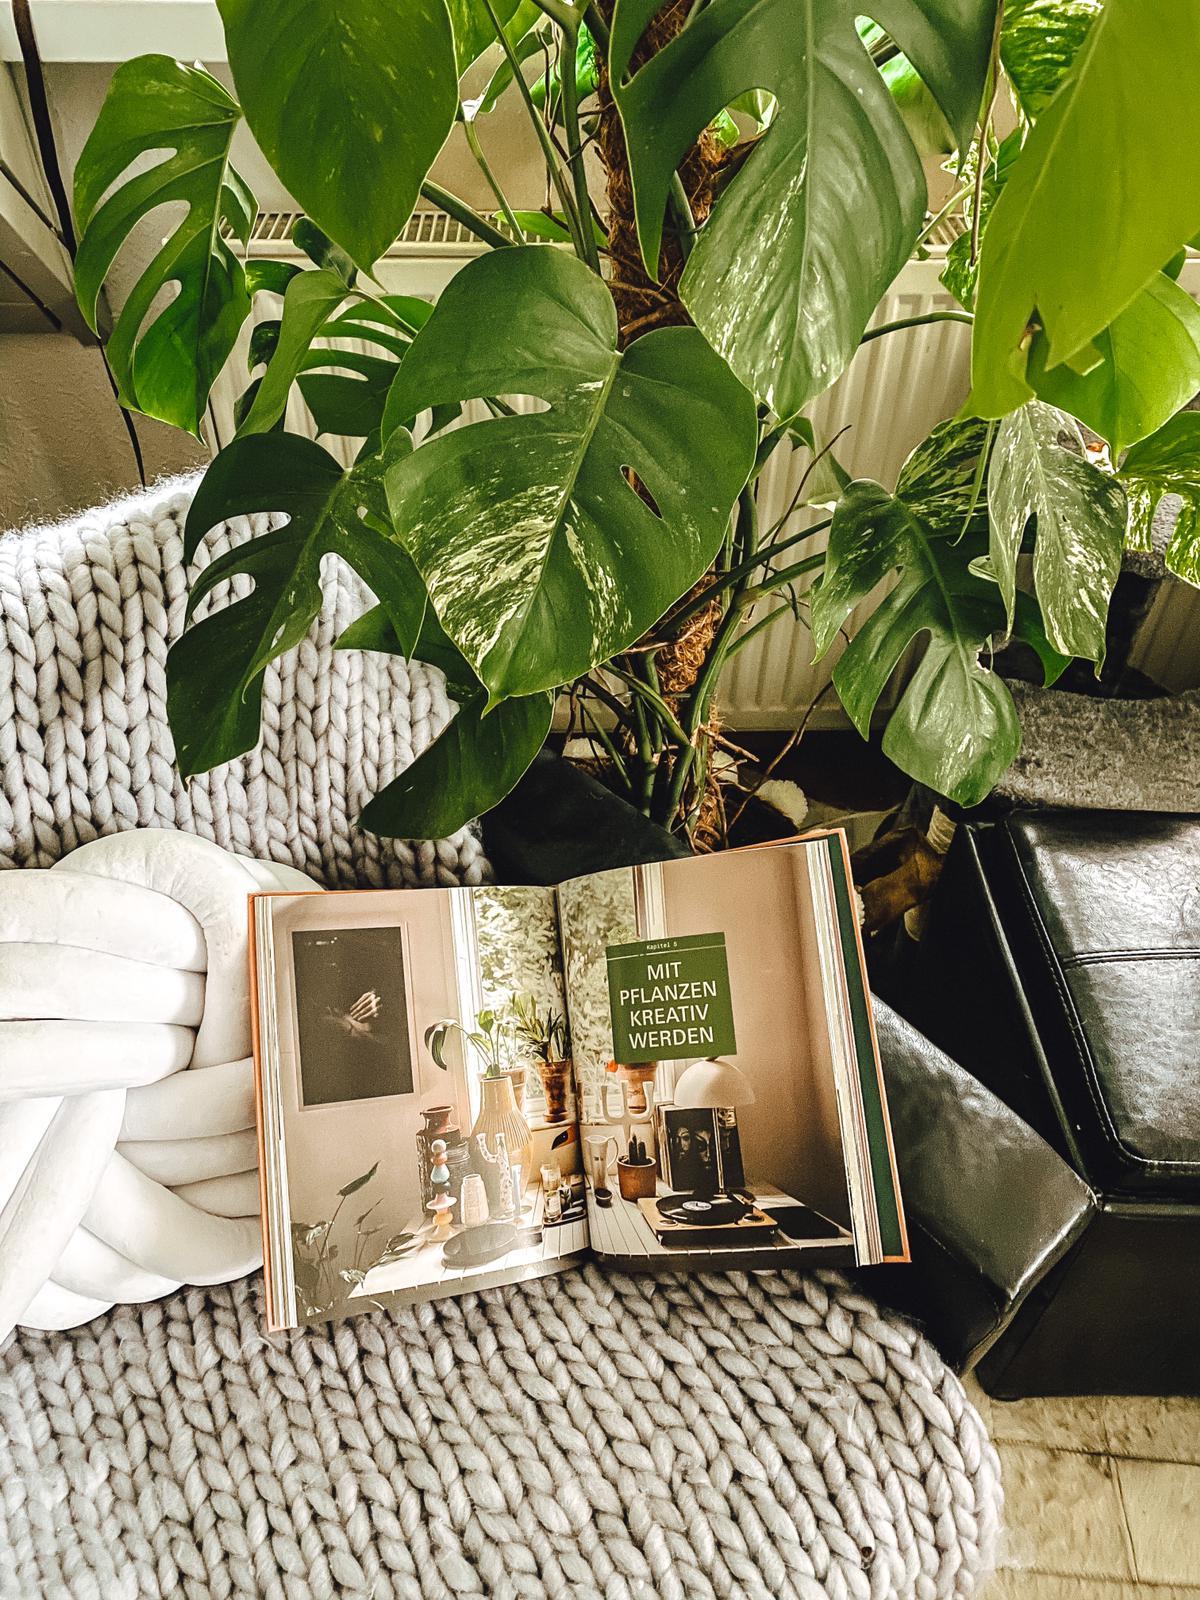 Buch für Pflanzenfreunde